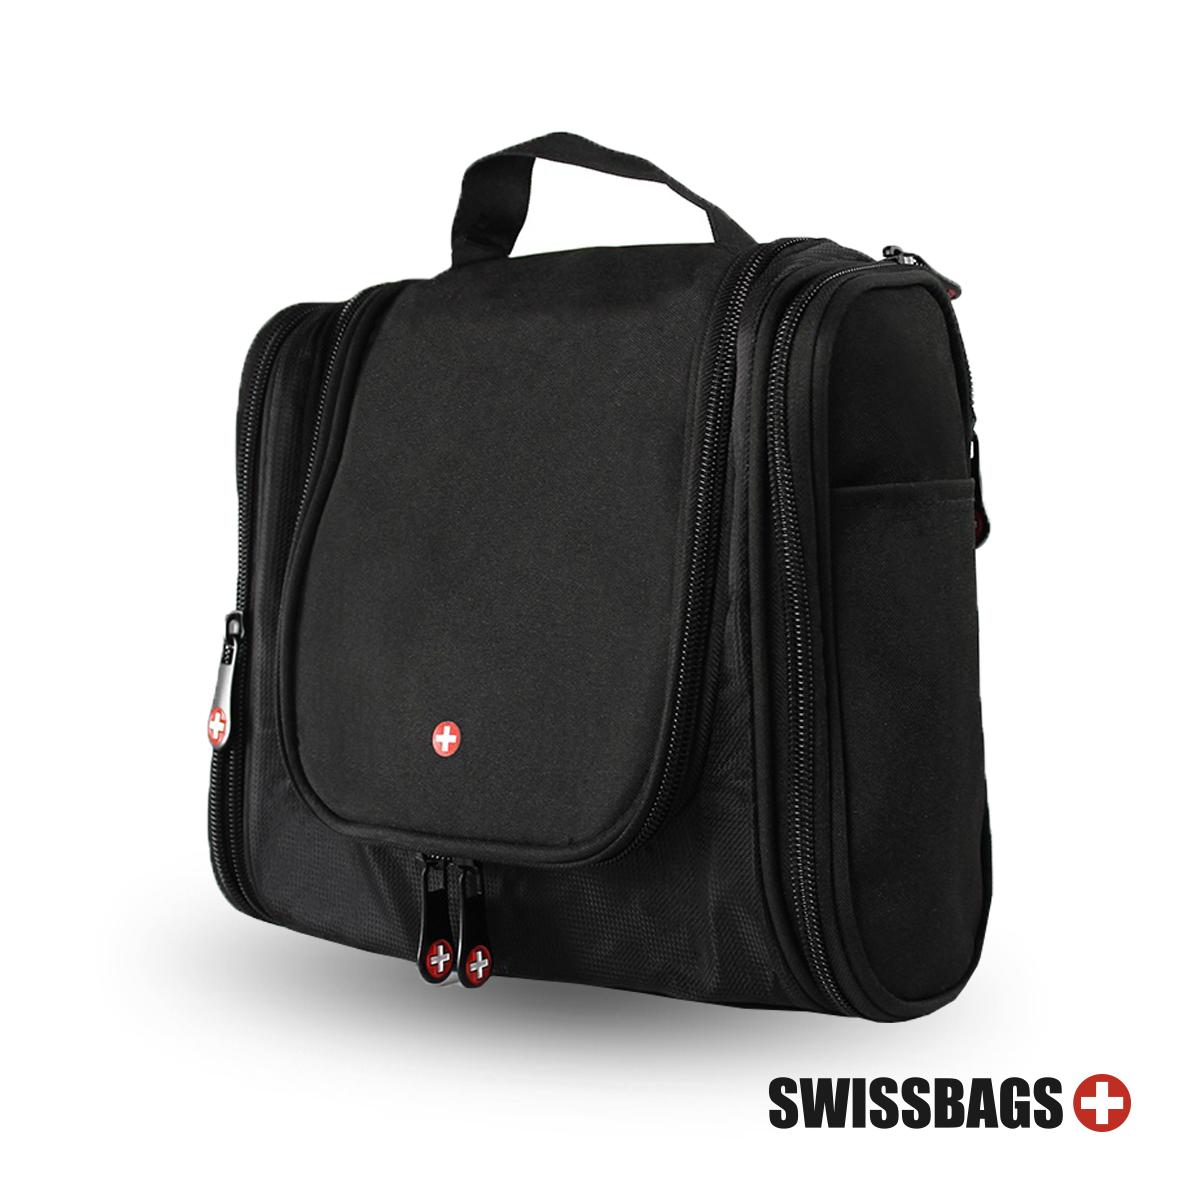 Necesaire Swissbags Voyage